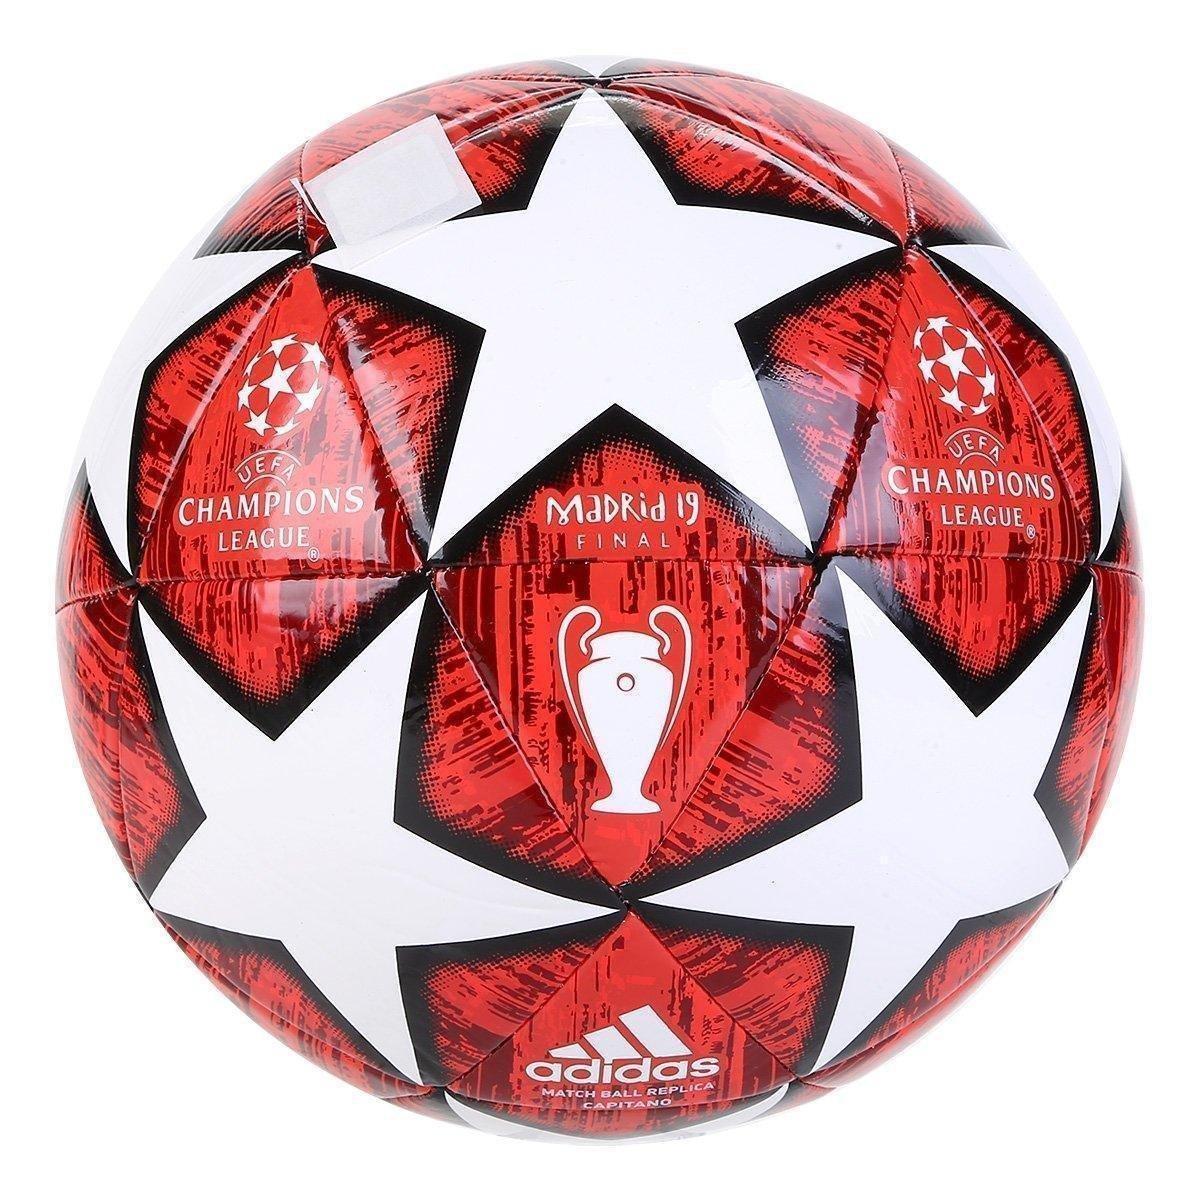 003f601fd7b5f Bola de Futebol Campo Adidas Uefa Champions League Finale 19 Match Ball  Replique Capitano - Branco e Vermelho - Compre Agora